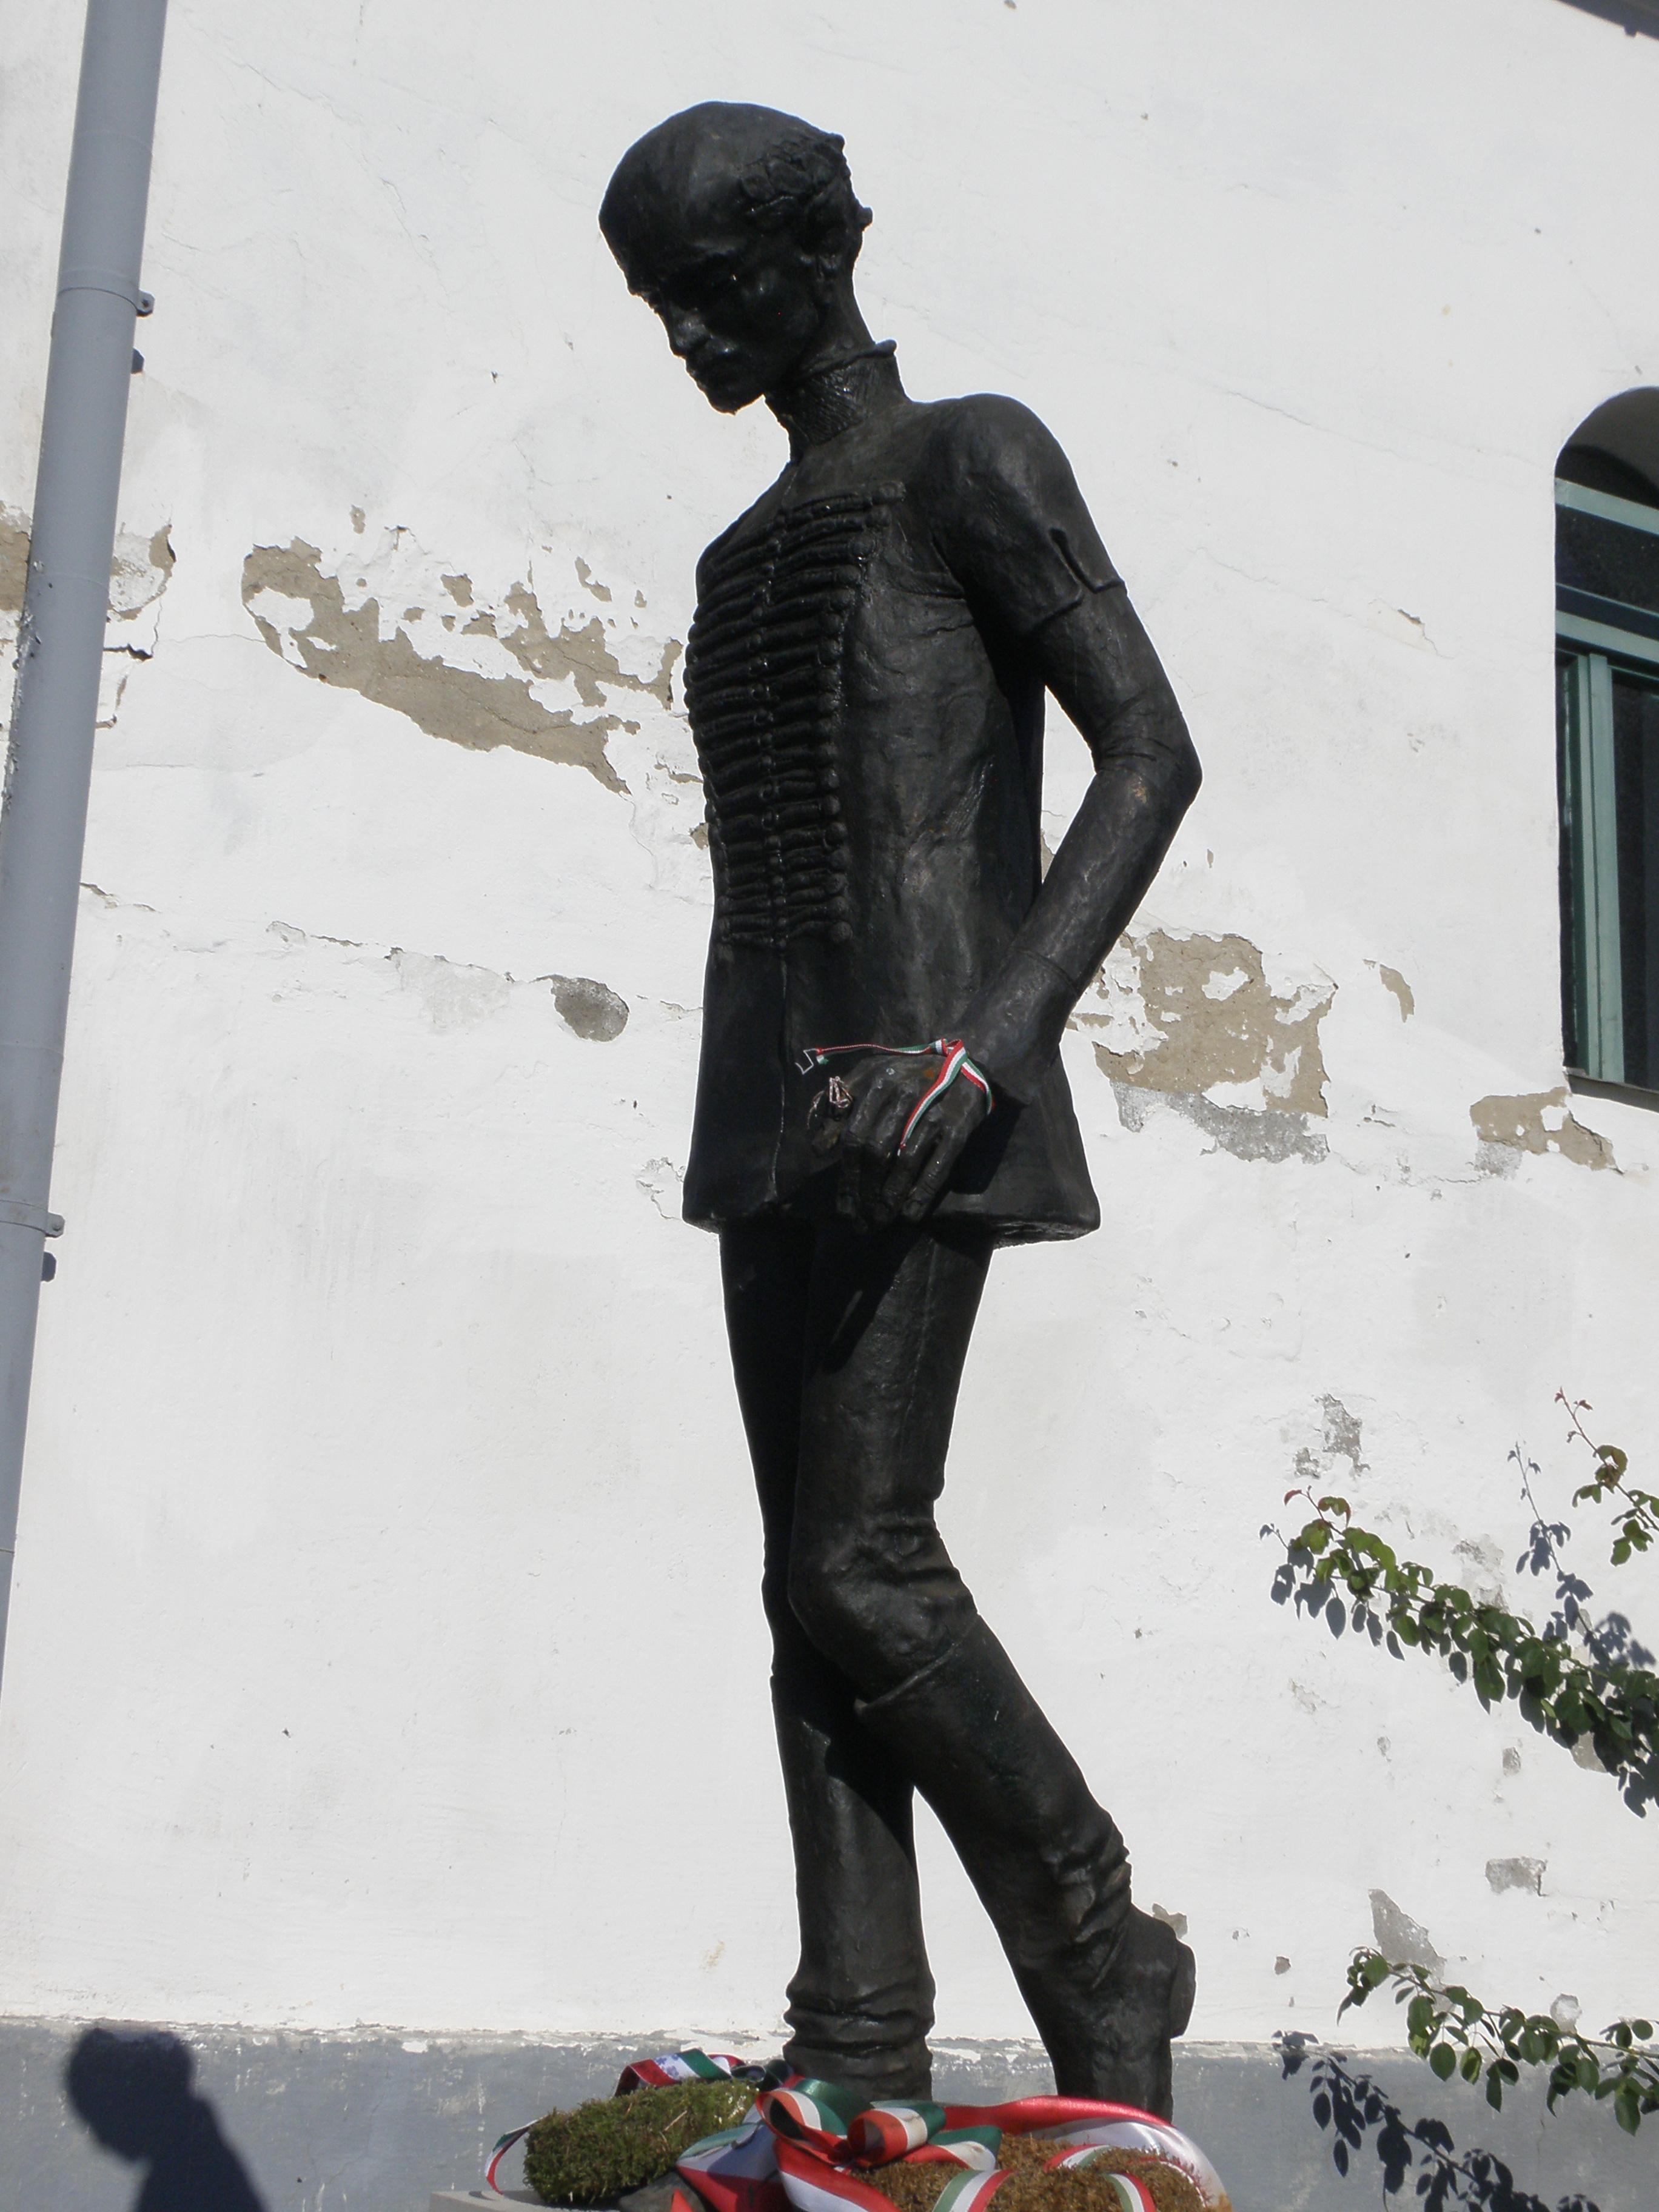 A szobor Sződemeteren